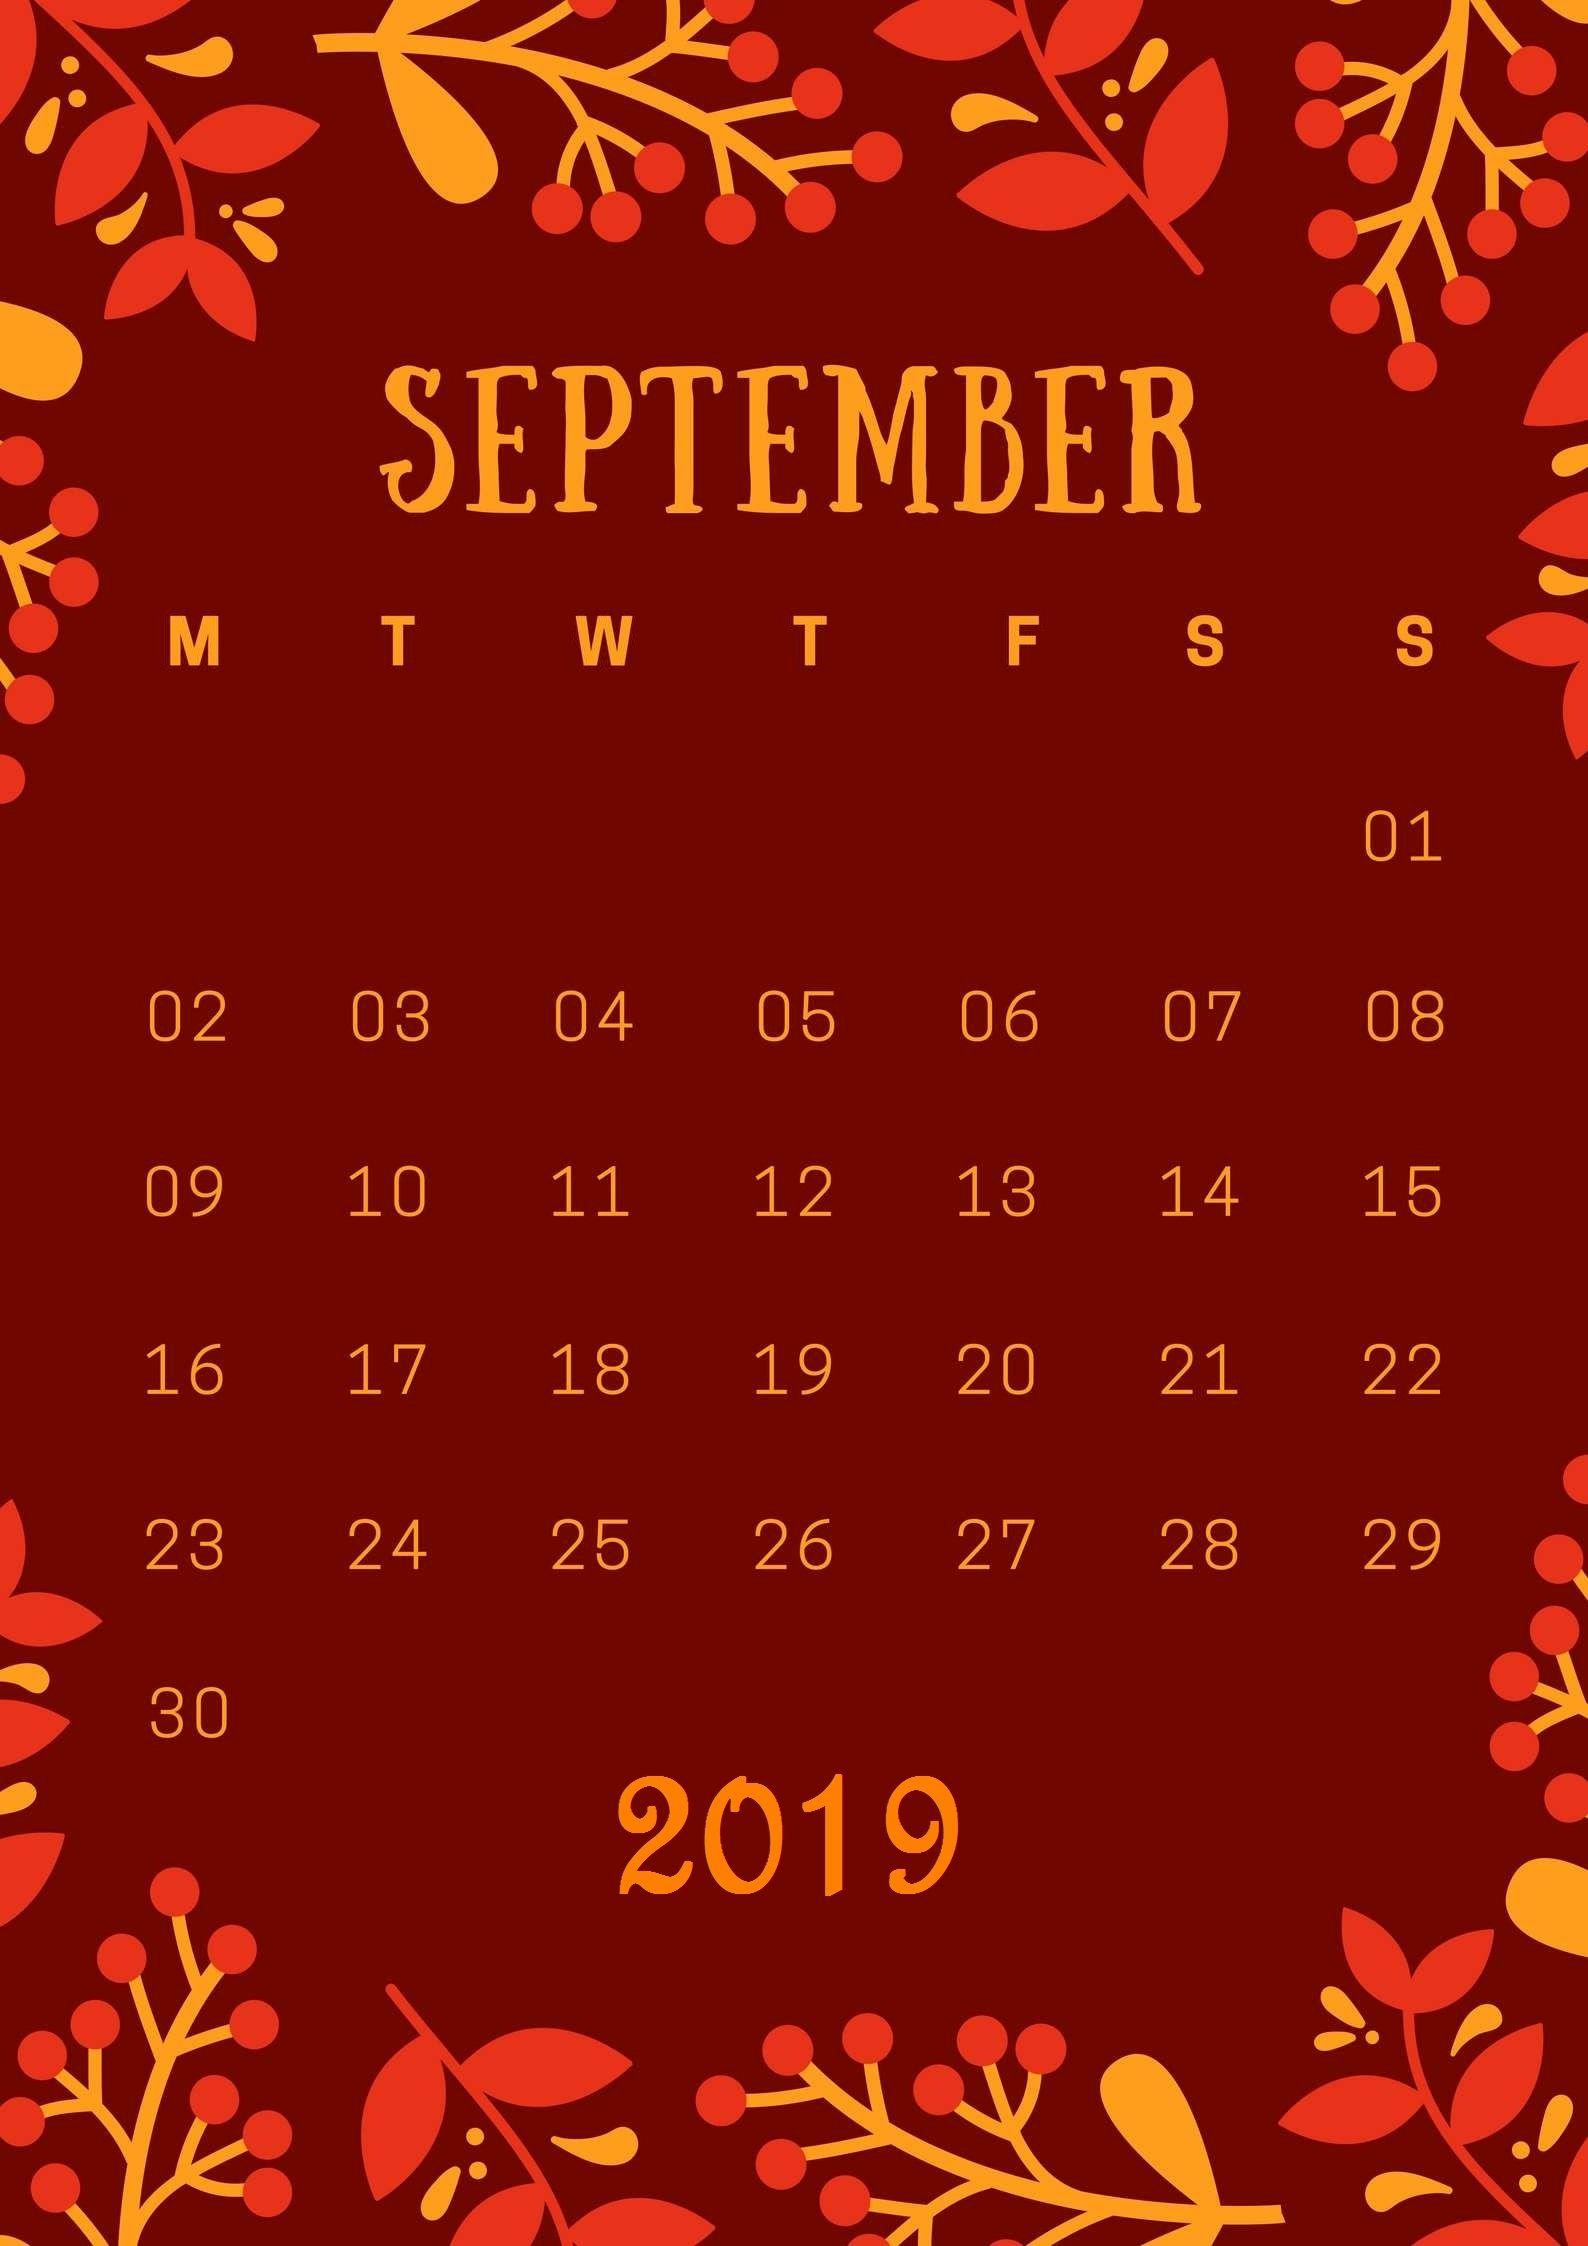 september 2019 iphone wallpaper calendar calendar 2019september 1588x2246